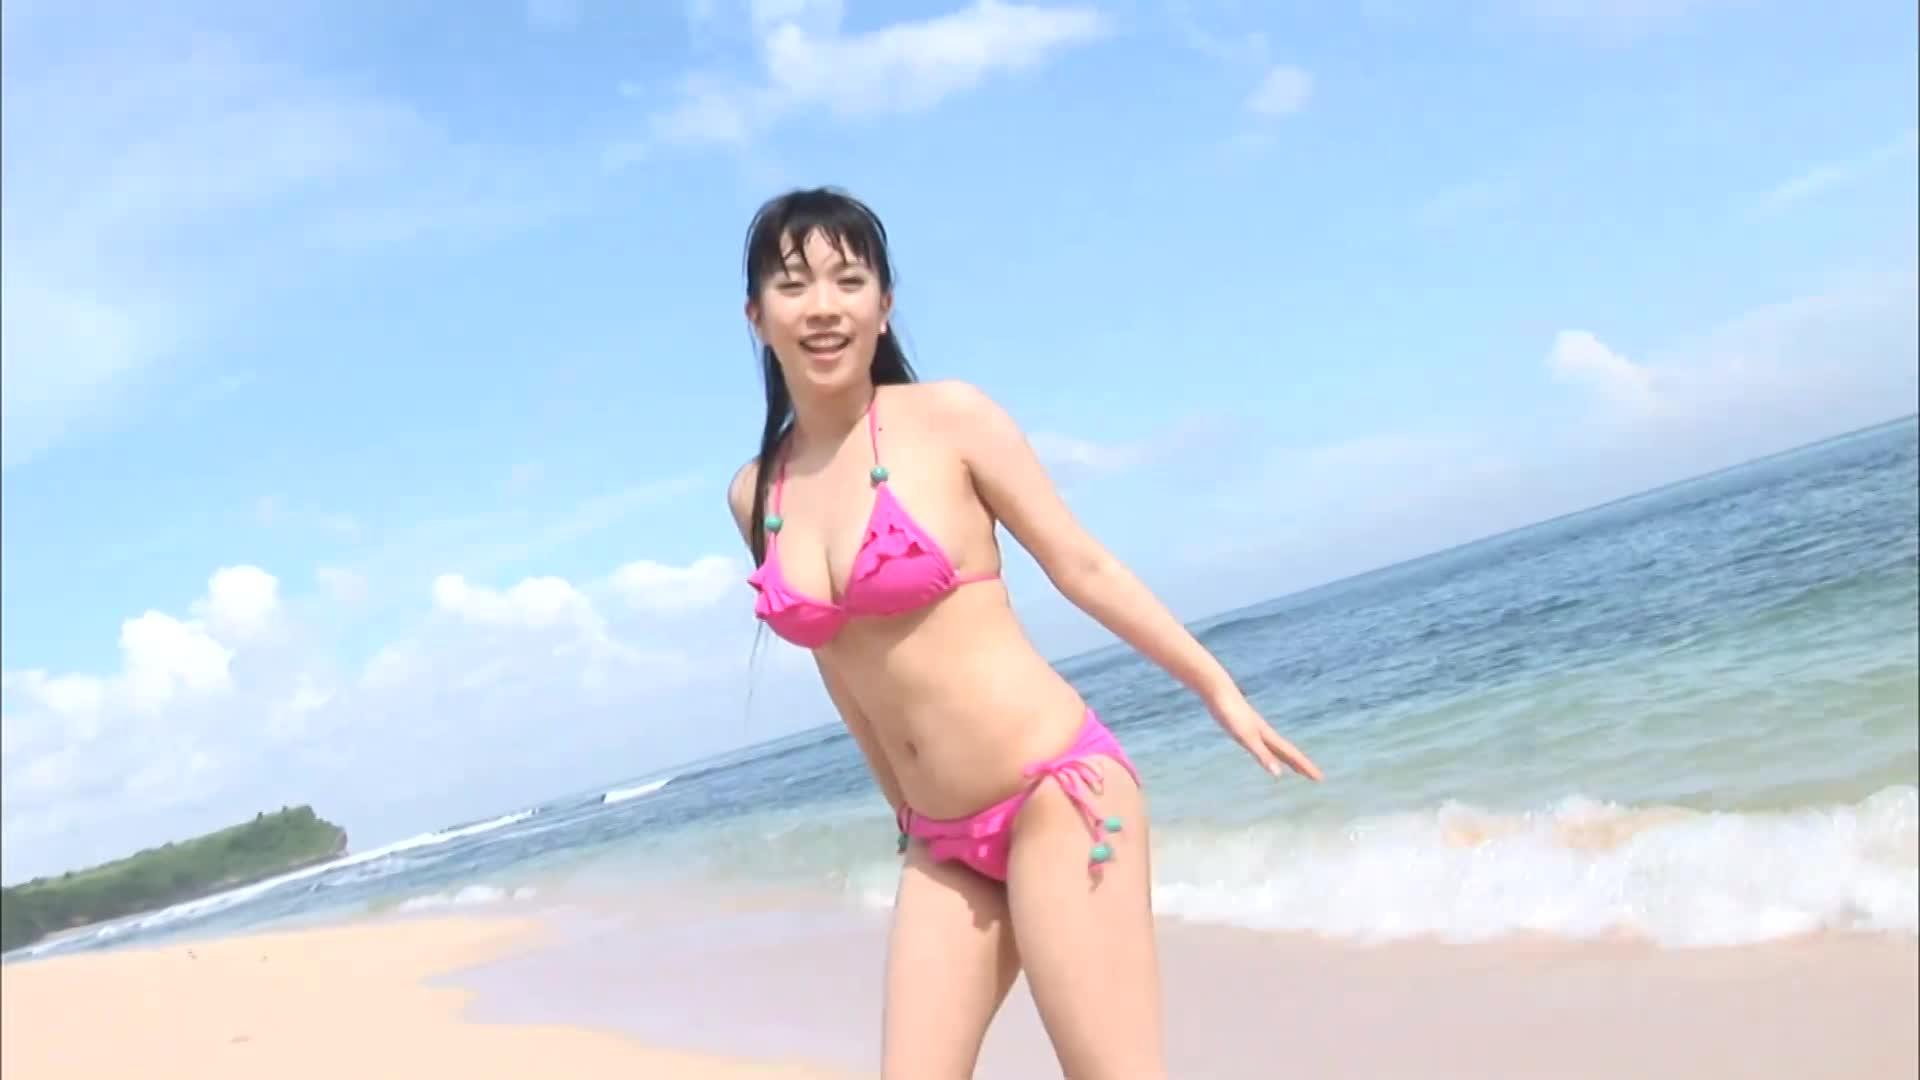 【三田寺理紗 Risa Mitadera】クリクリおめめがなんとも印象的な理紗ちゃんがマシュマロのような柔らかボディーを抱きしめたい